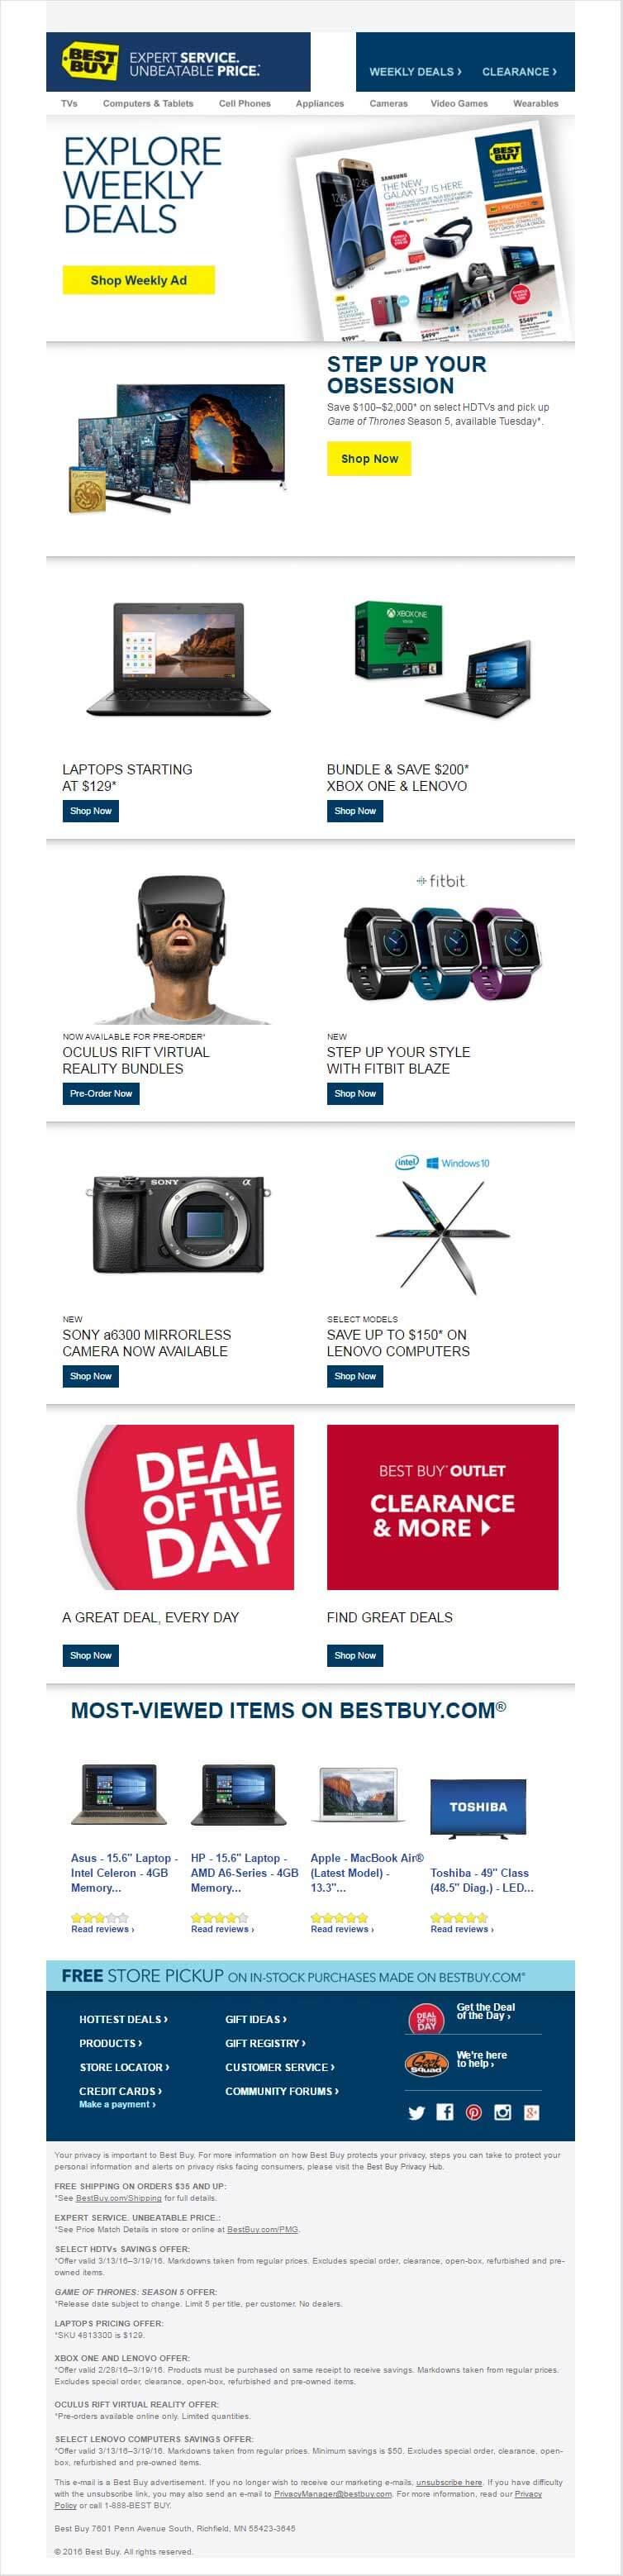 Best-Buy-Weekly-Deals